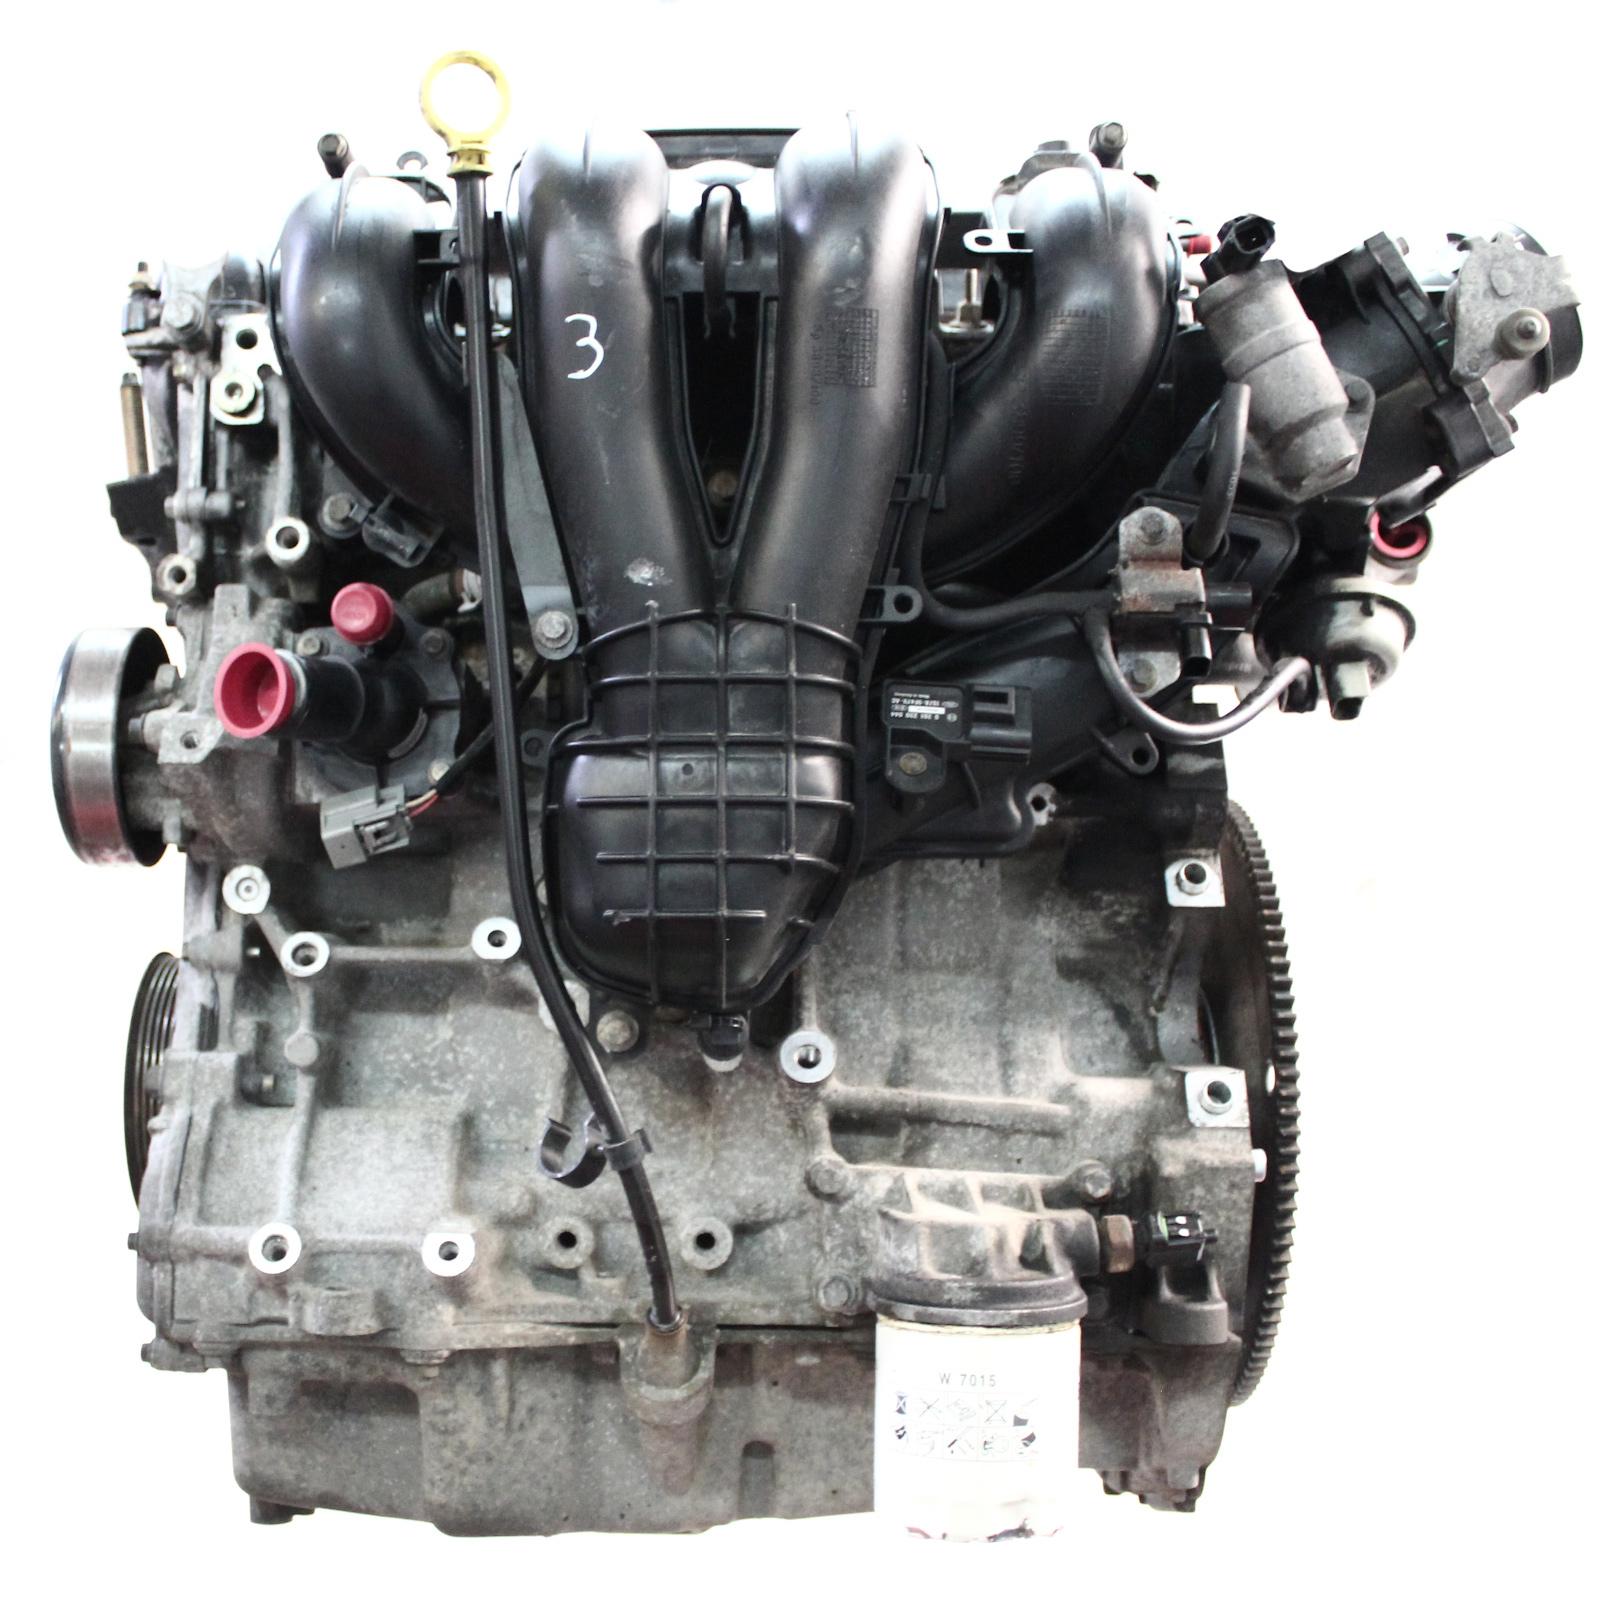 Motor 2006 Ford 2,0 CJB CJBA CJBB mit Anbauteilen